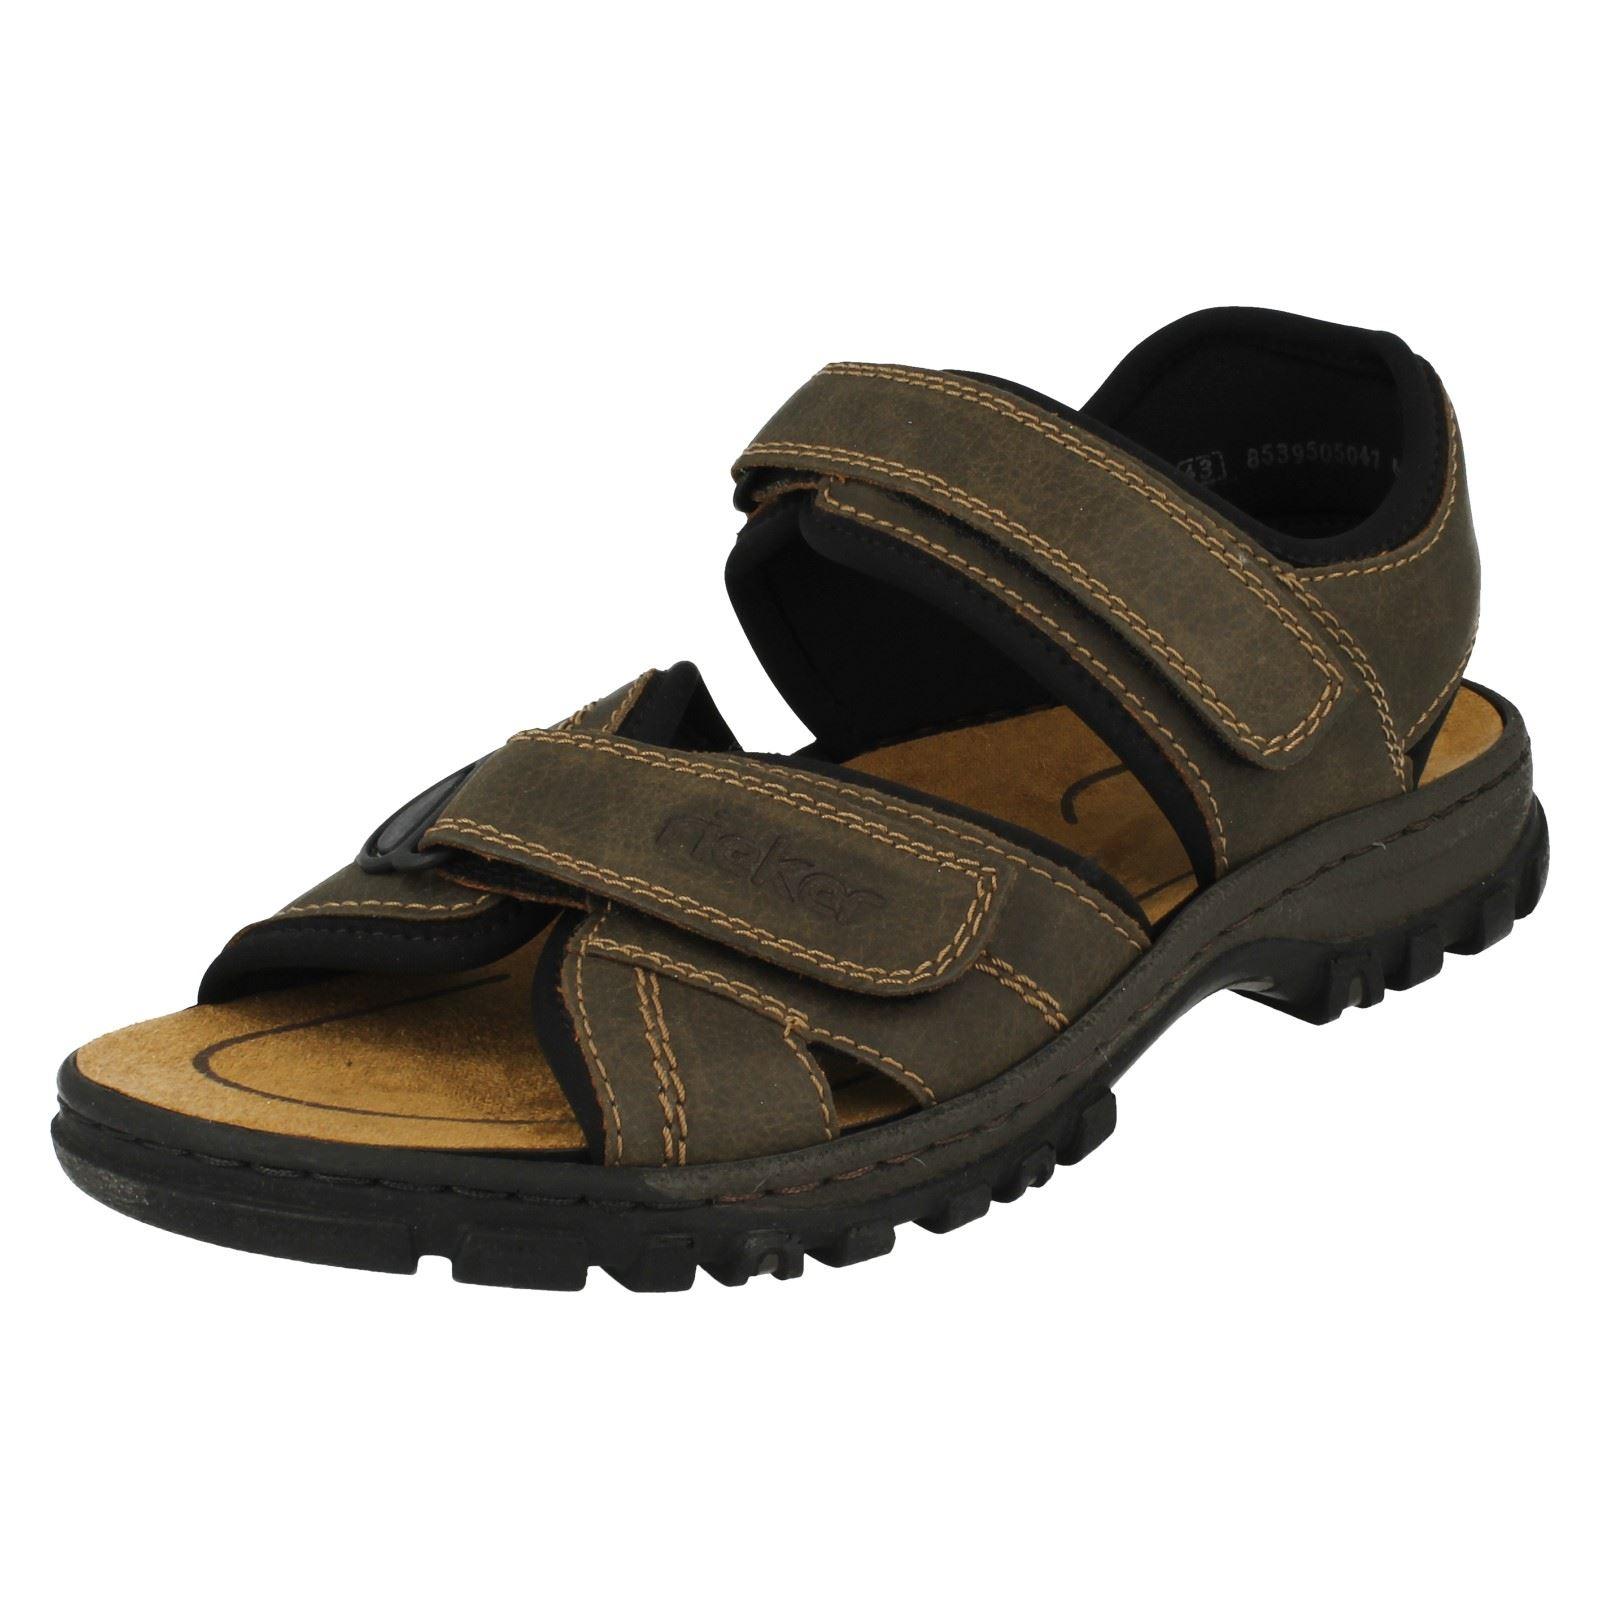 Details about Rieker Mens Casual Sandals 25051